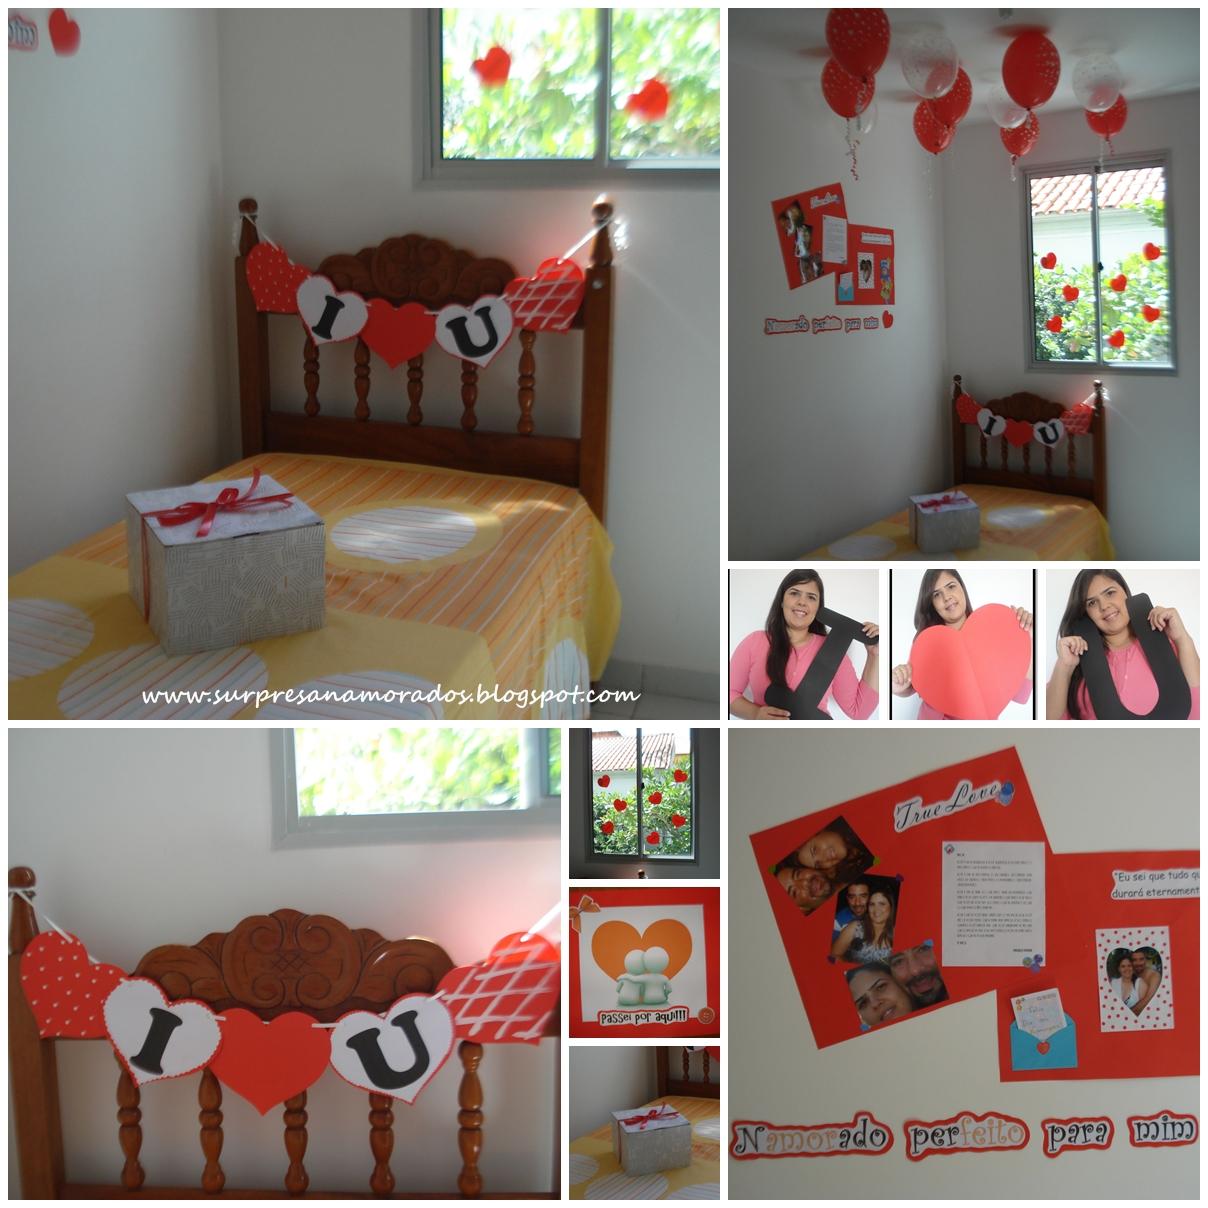 Surpresas e festas a dois  Surpresas para Namorados